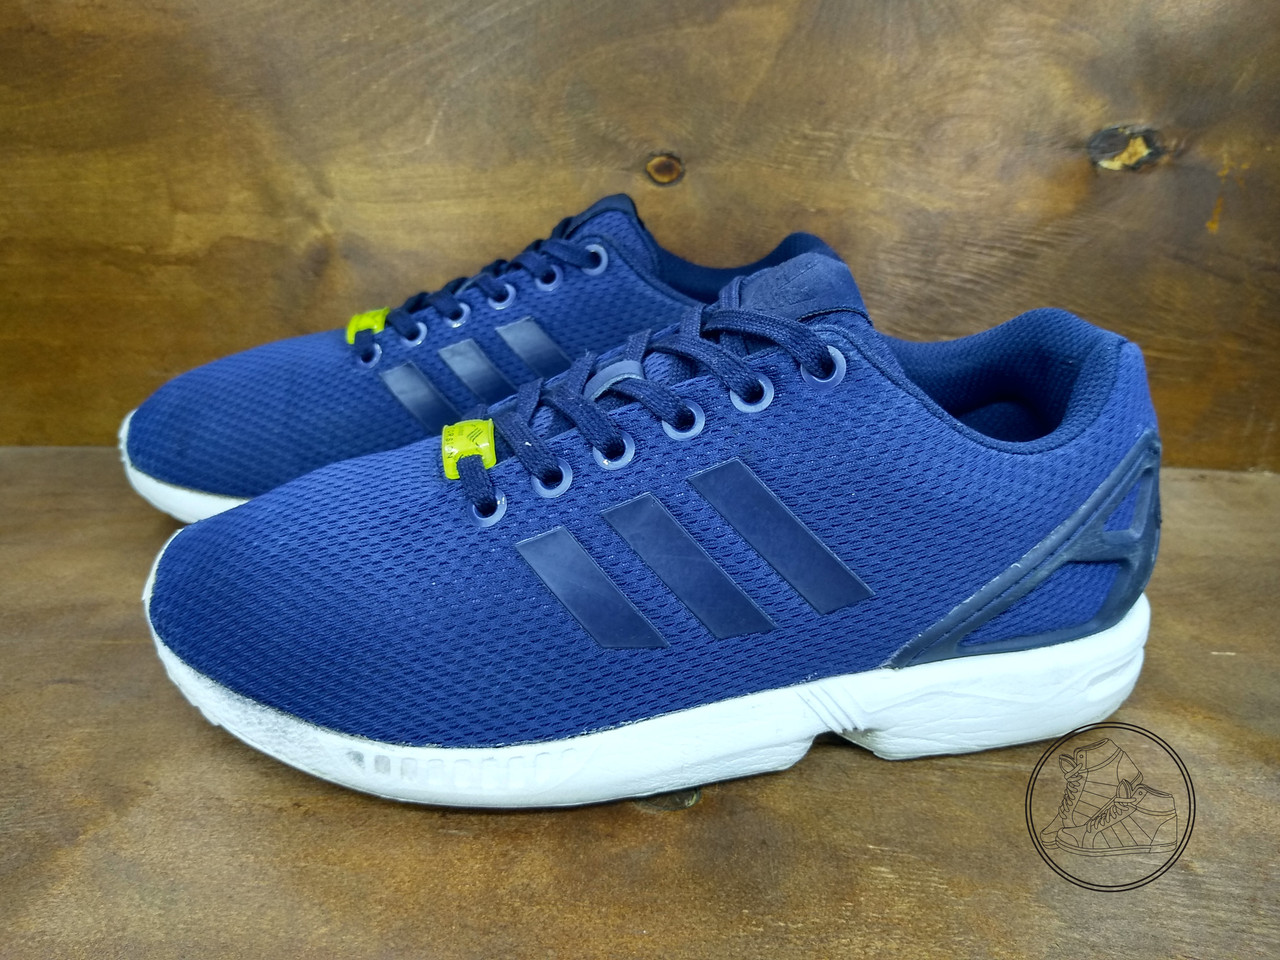 Женские кроссовки Adidas ZX Flux (39 размер) бу - Интернет-магазин обуви из bb5a3330045